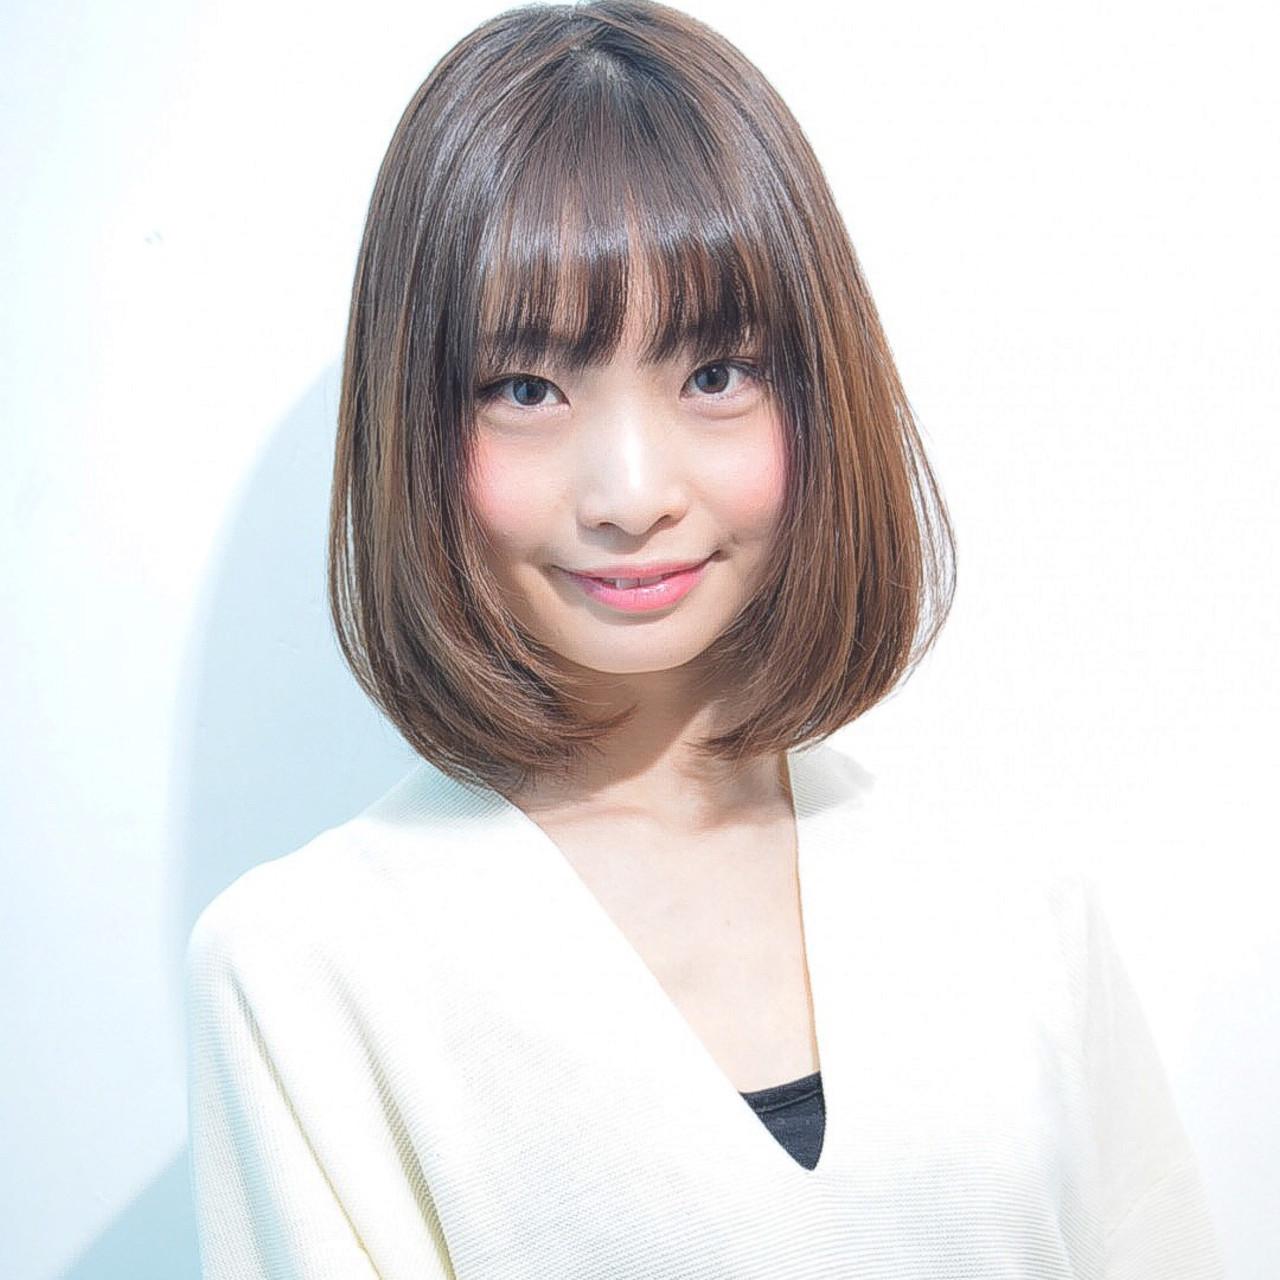 丸顔さん似合わせのシンプル前髪ありボブ 川島佑一